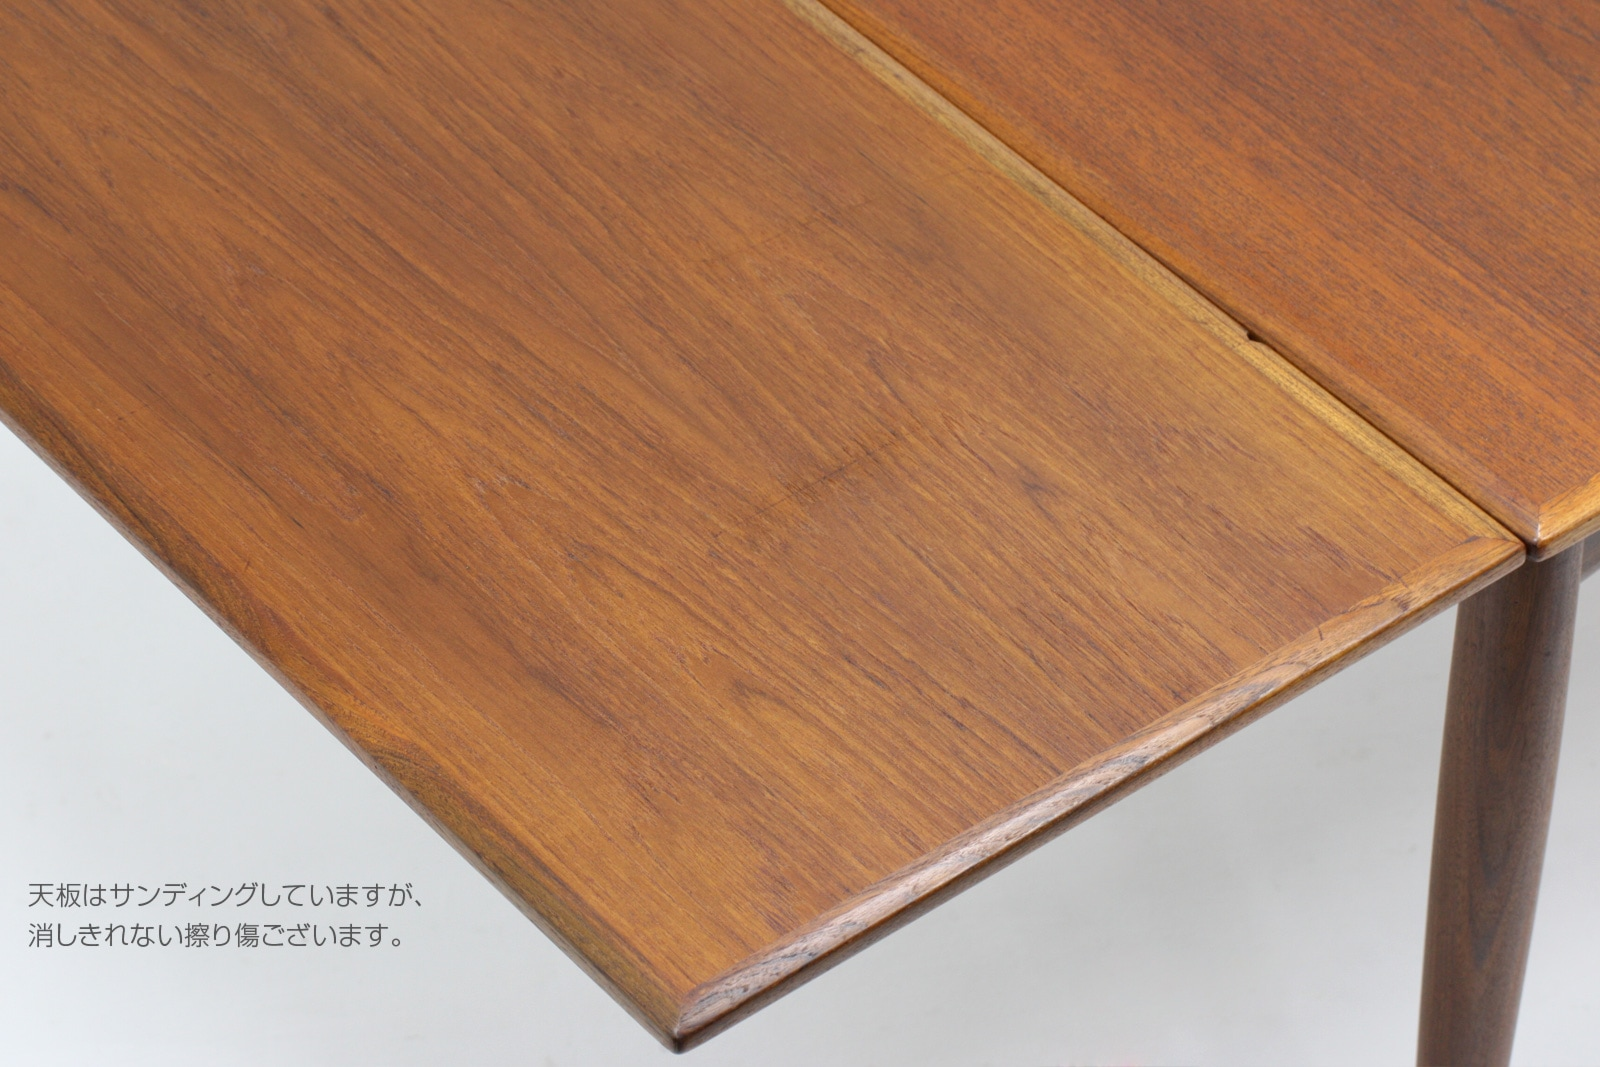 ヴィンテージ,北欧,家具,ダイニングテーブル,正方形